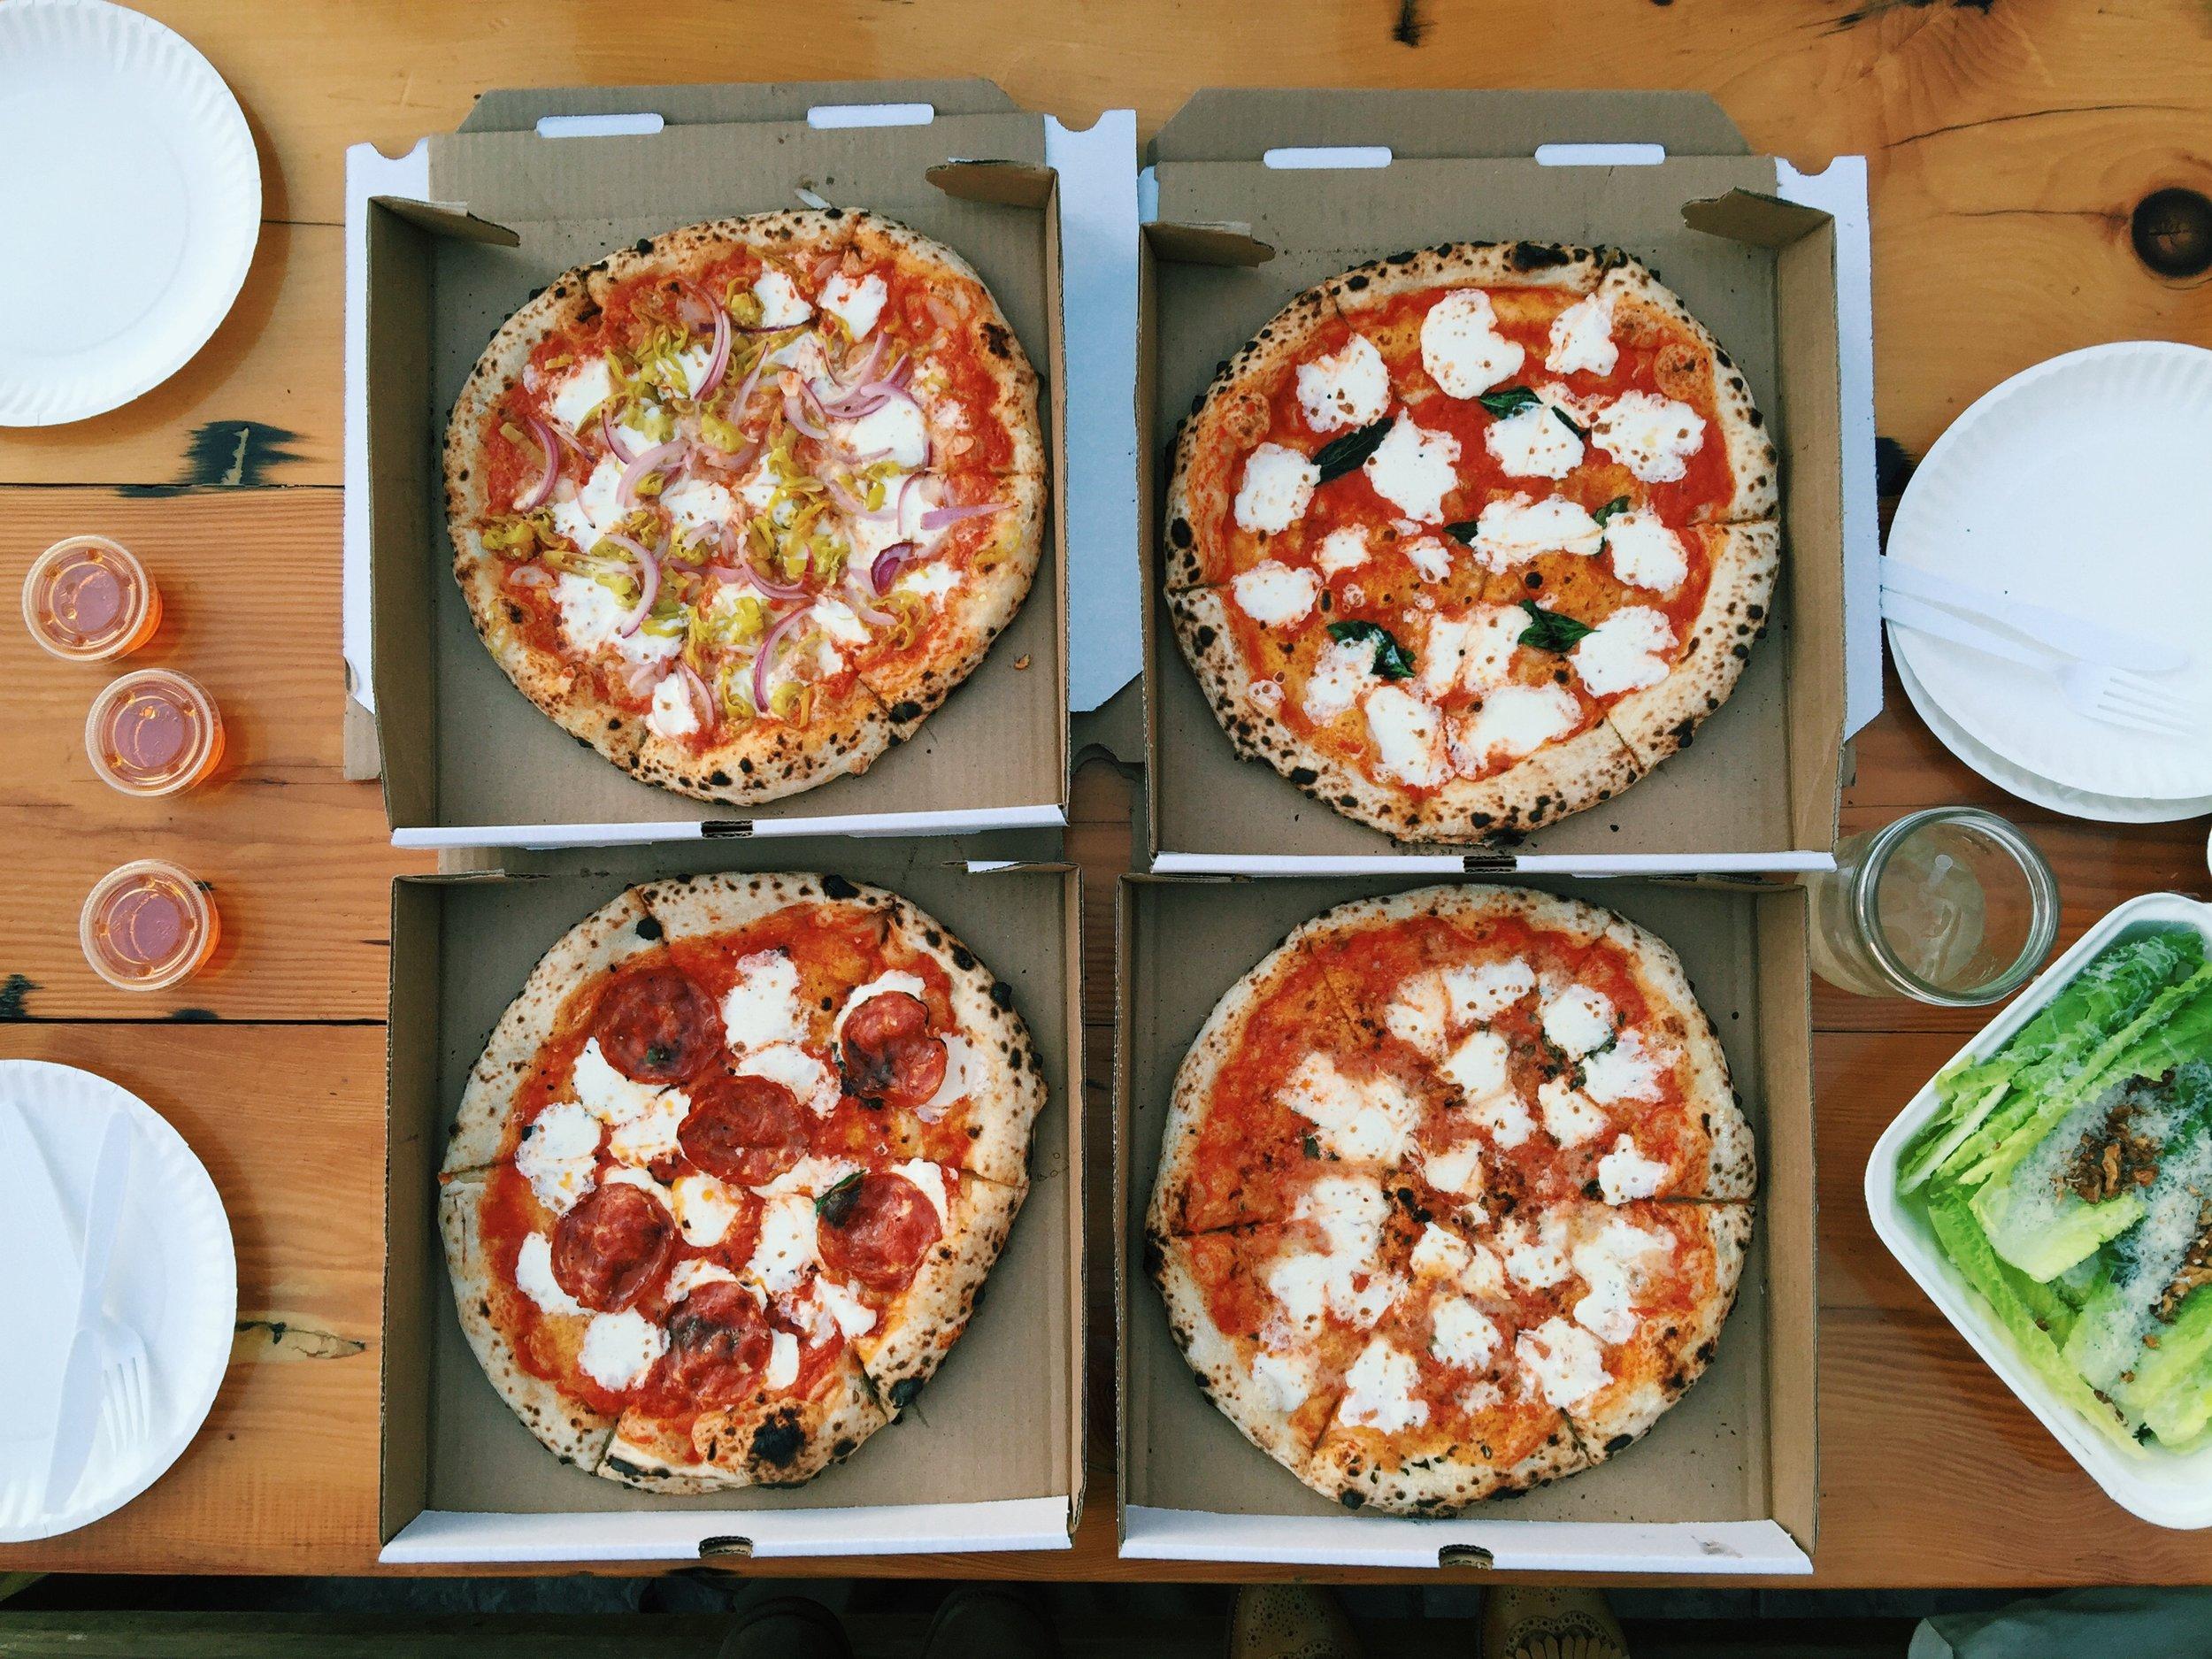 Roberta's ロベルターズ ニューヨーク うまい ピザ屋 ブルックリン ブシュウィック